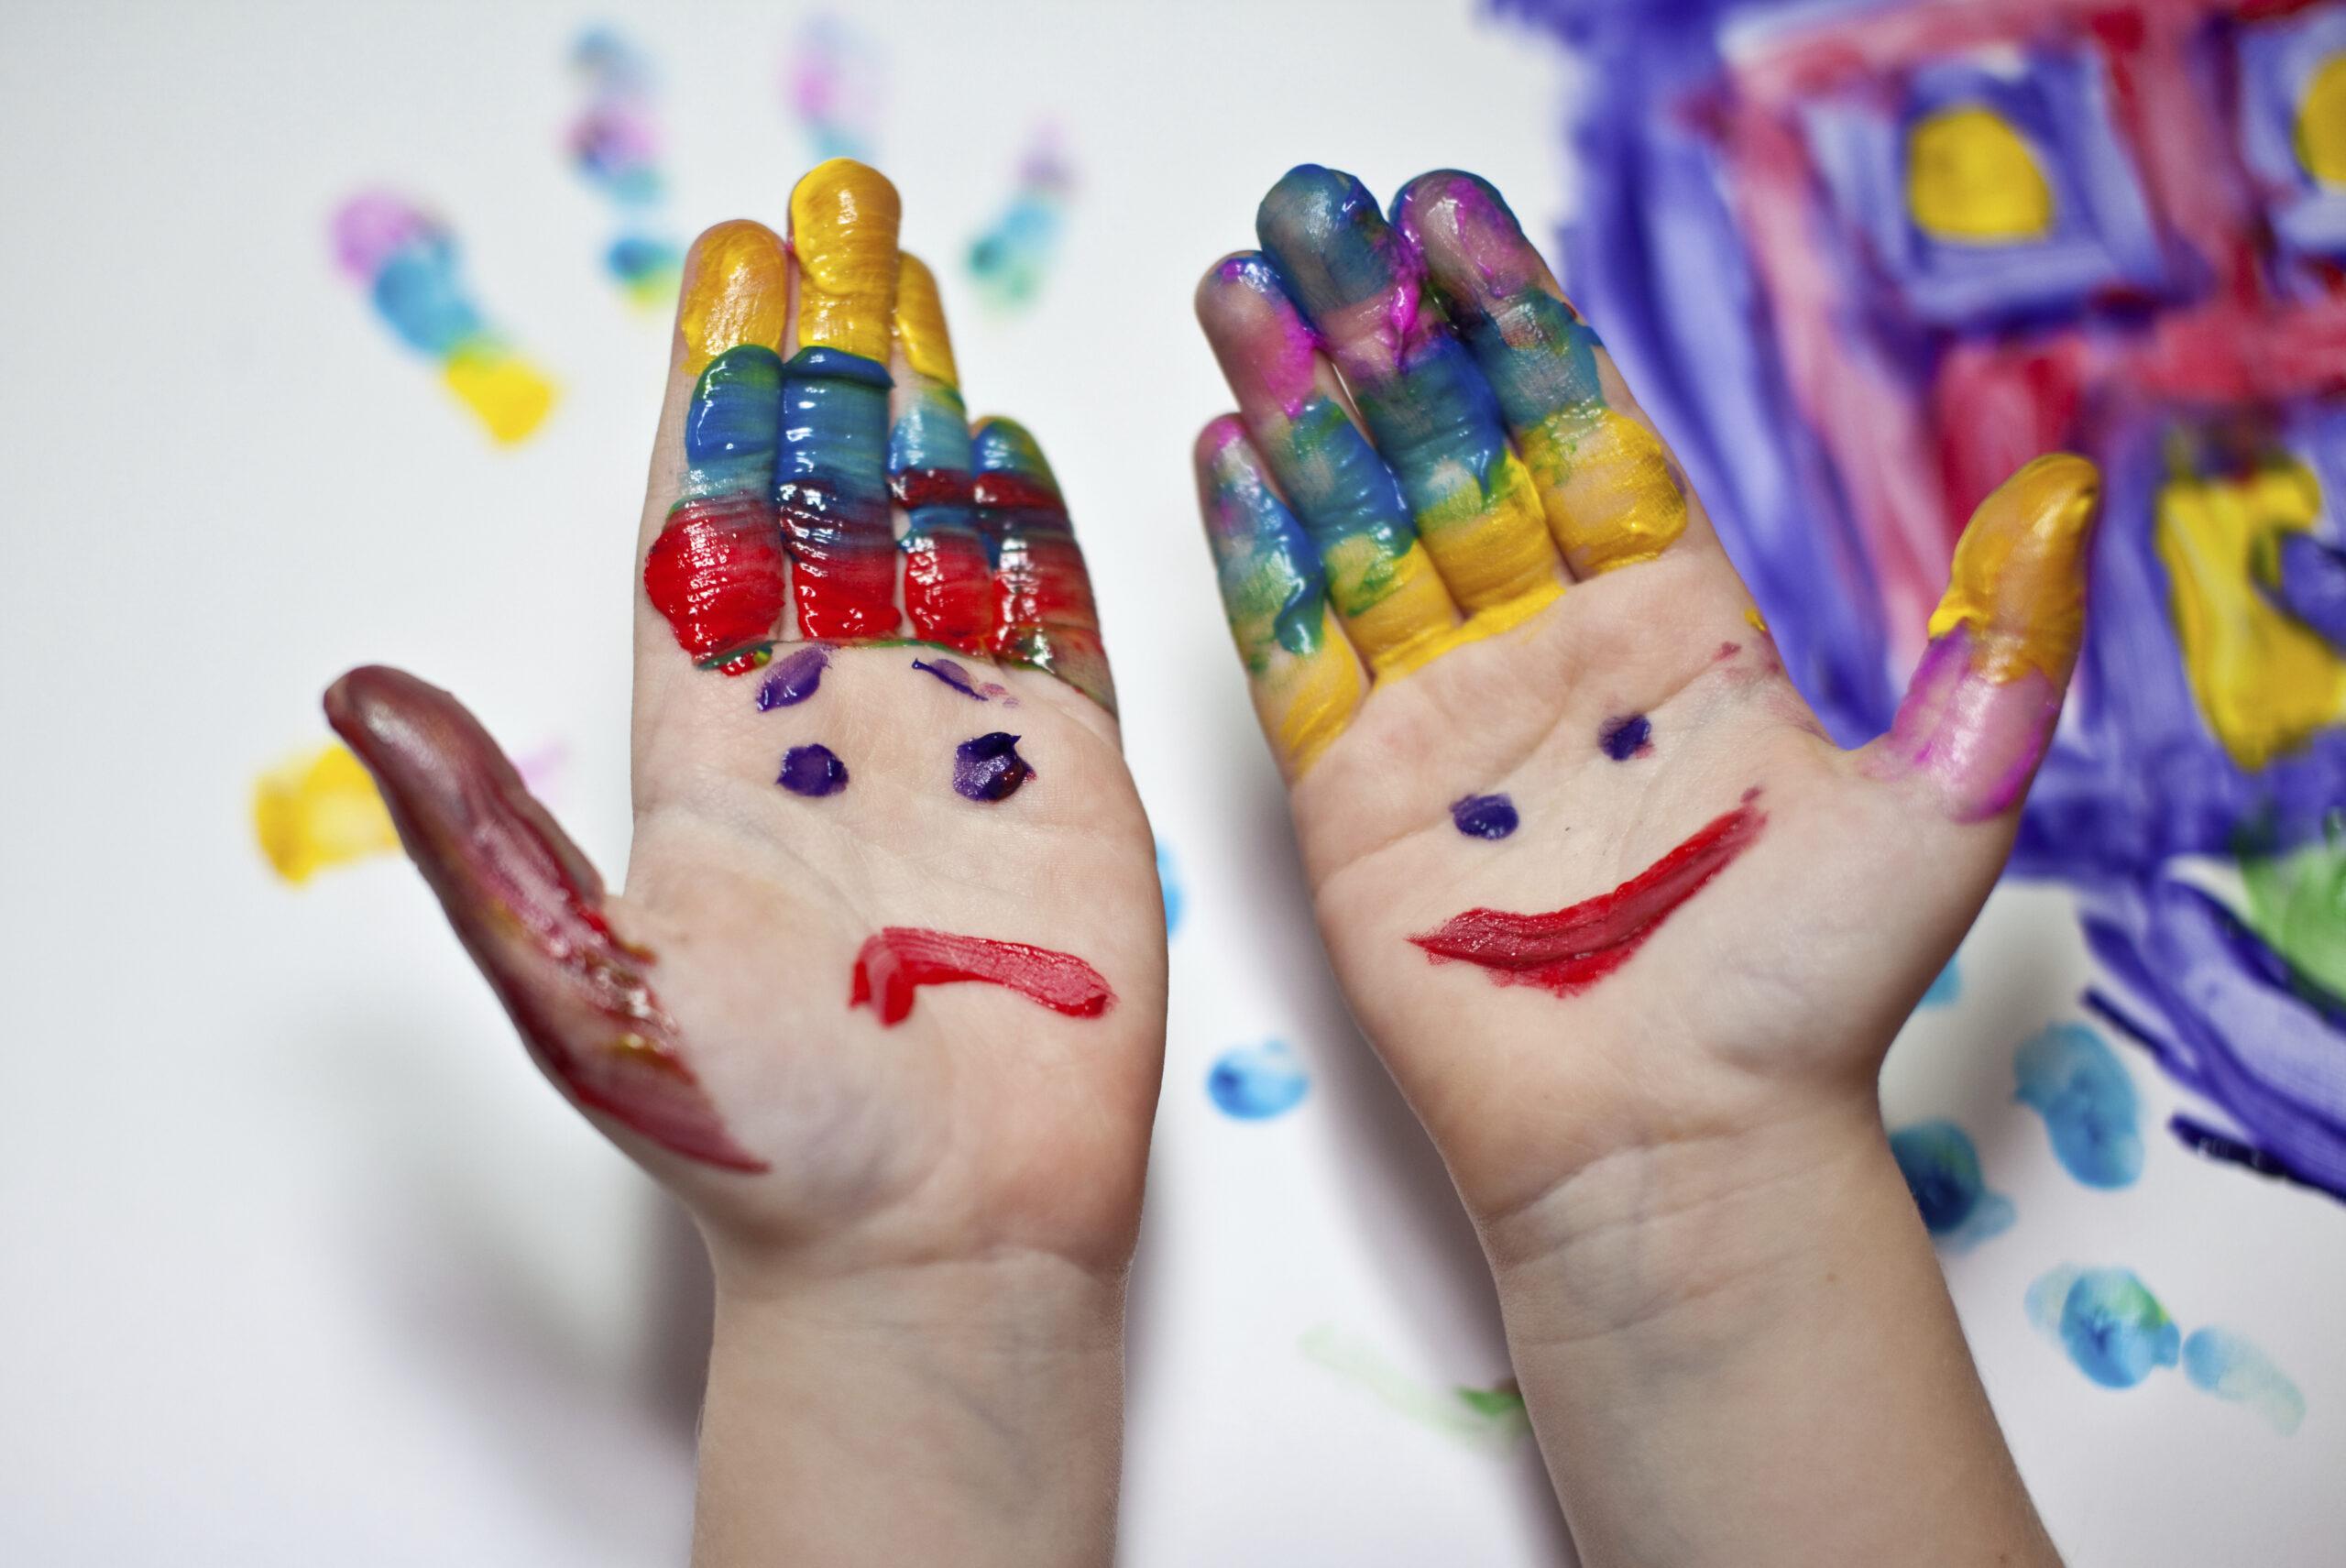 Вебинар <br>«Работа со сложными чувствами ребёнка (агрессия, страх, тревога) посредством арт-терапии»